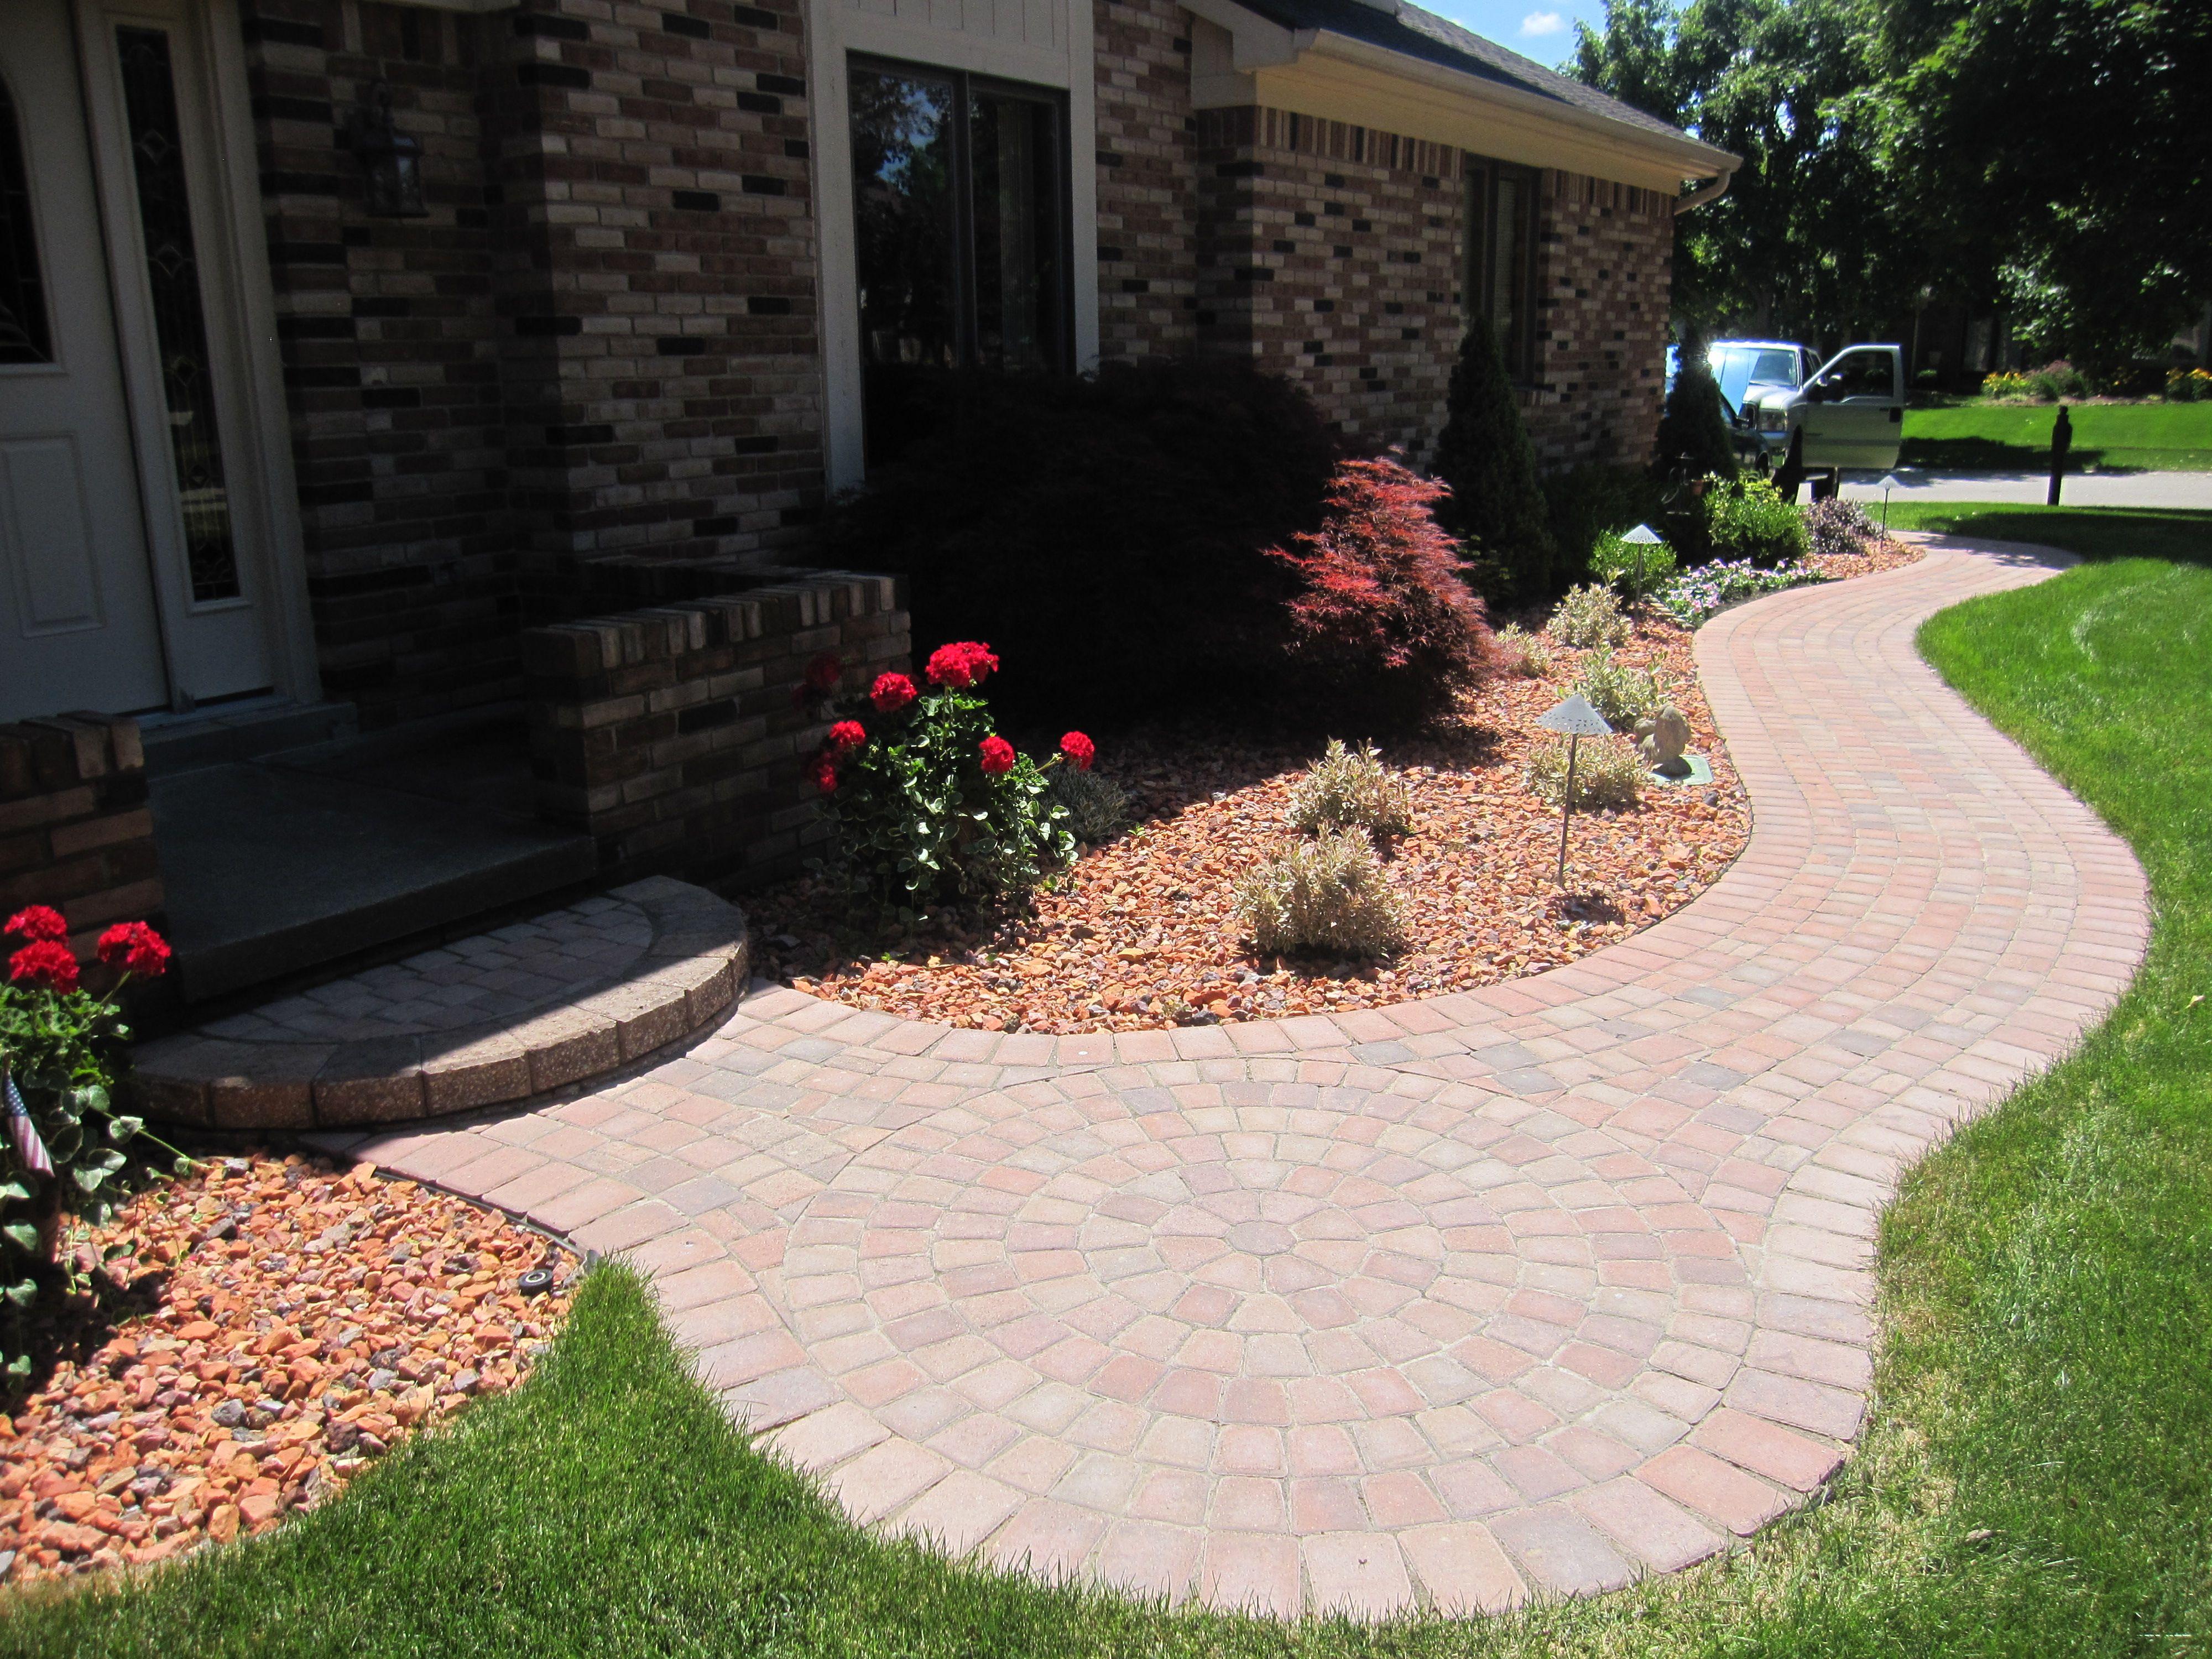 brick paver walkway with circle